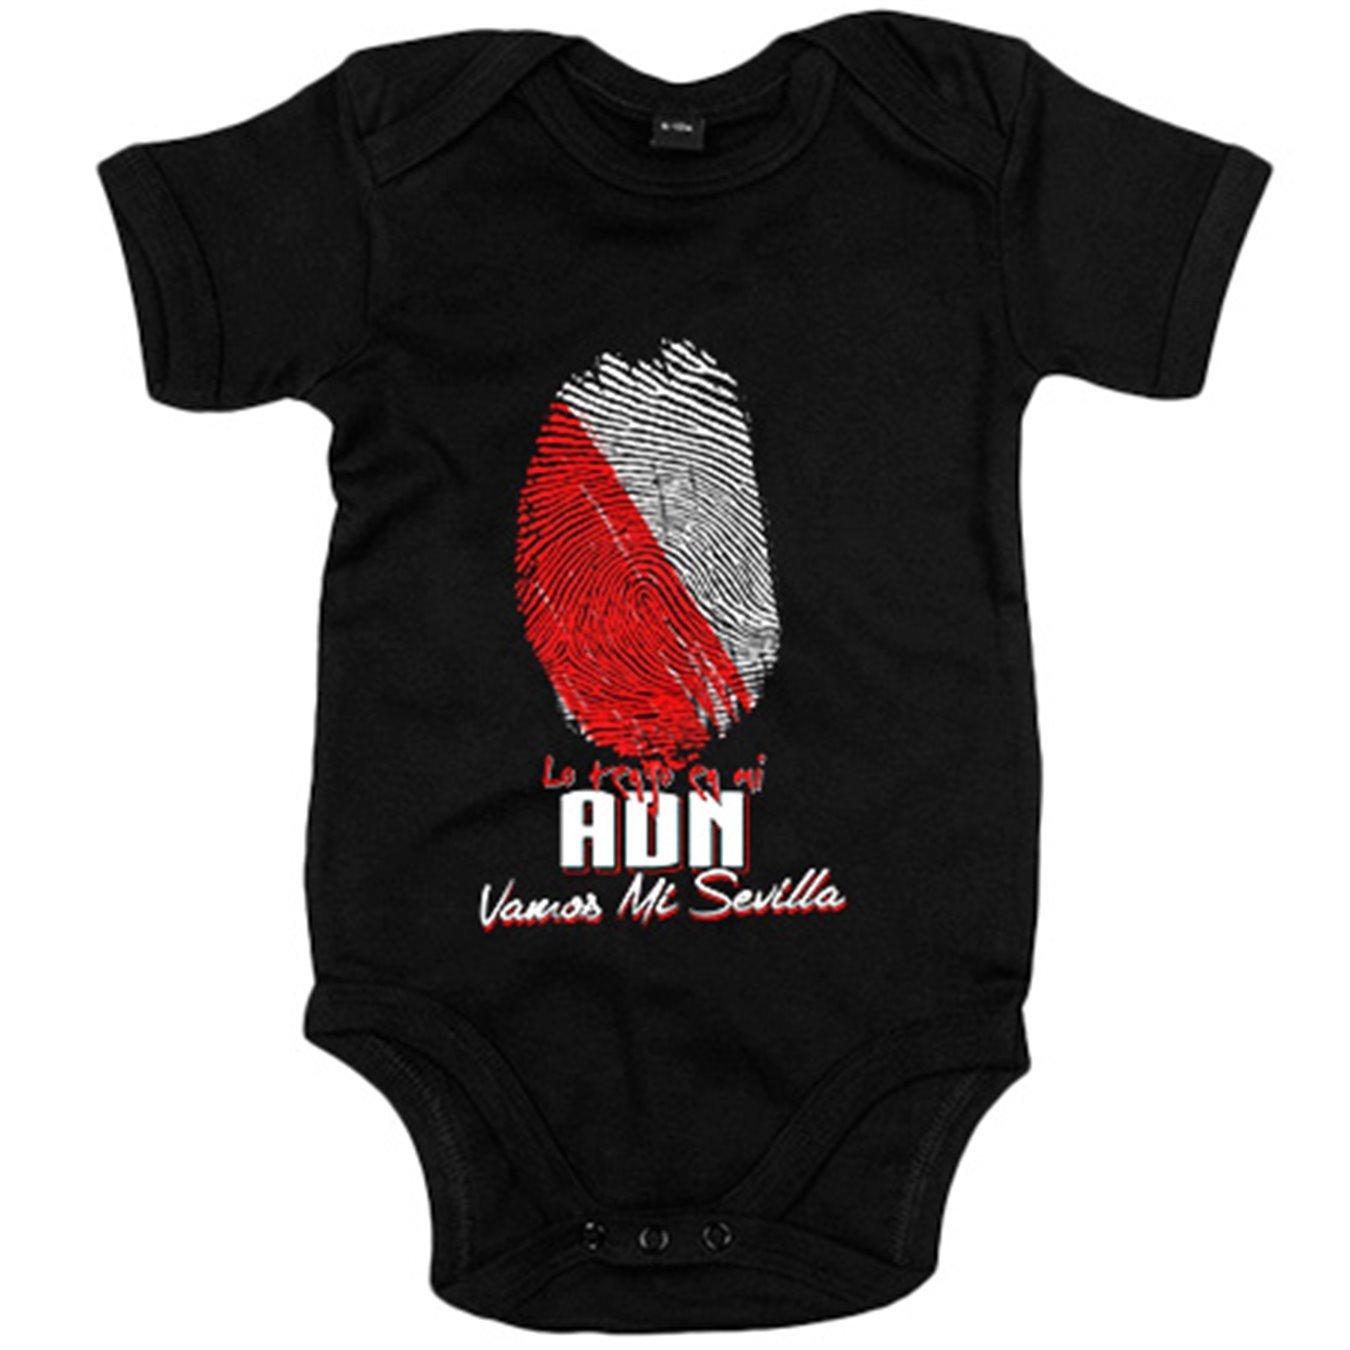 Body bebé lo tengo en mi ADN Sevilla fútbol - Negro, 12-18 meses: Amazon.es: Bebé